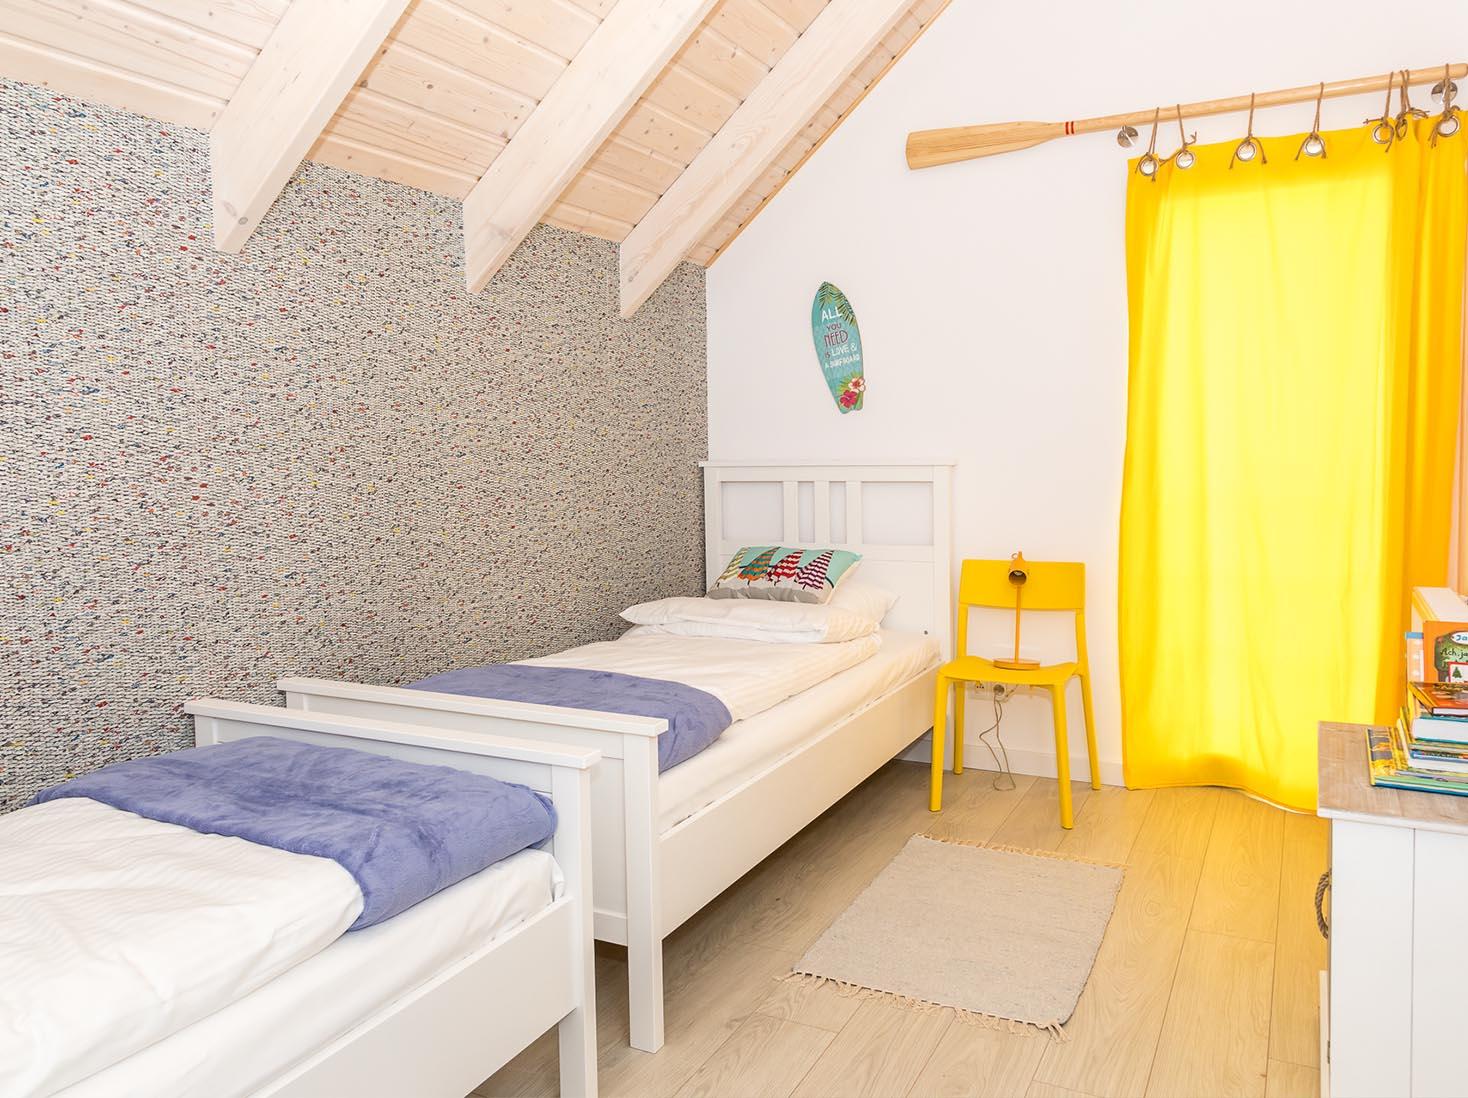 10-sypialnia-w-stylu-wakacyjnym